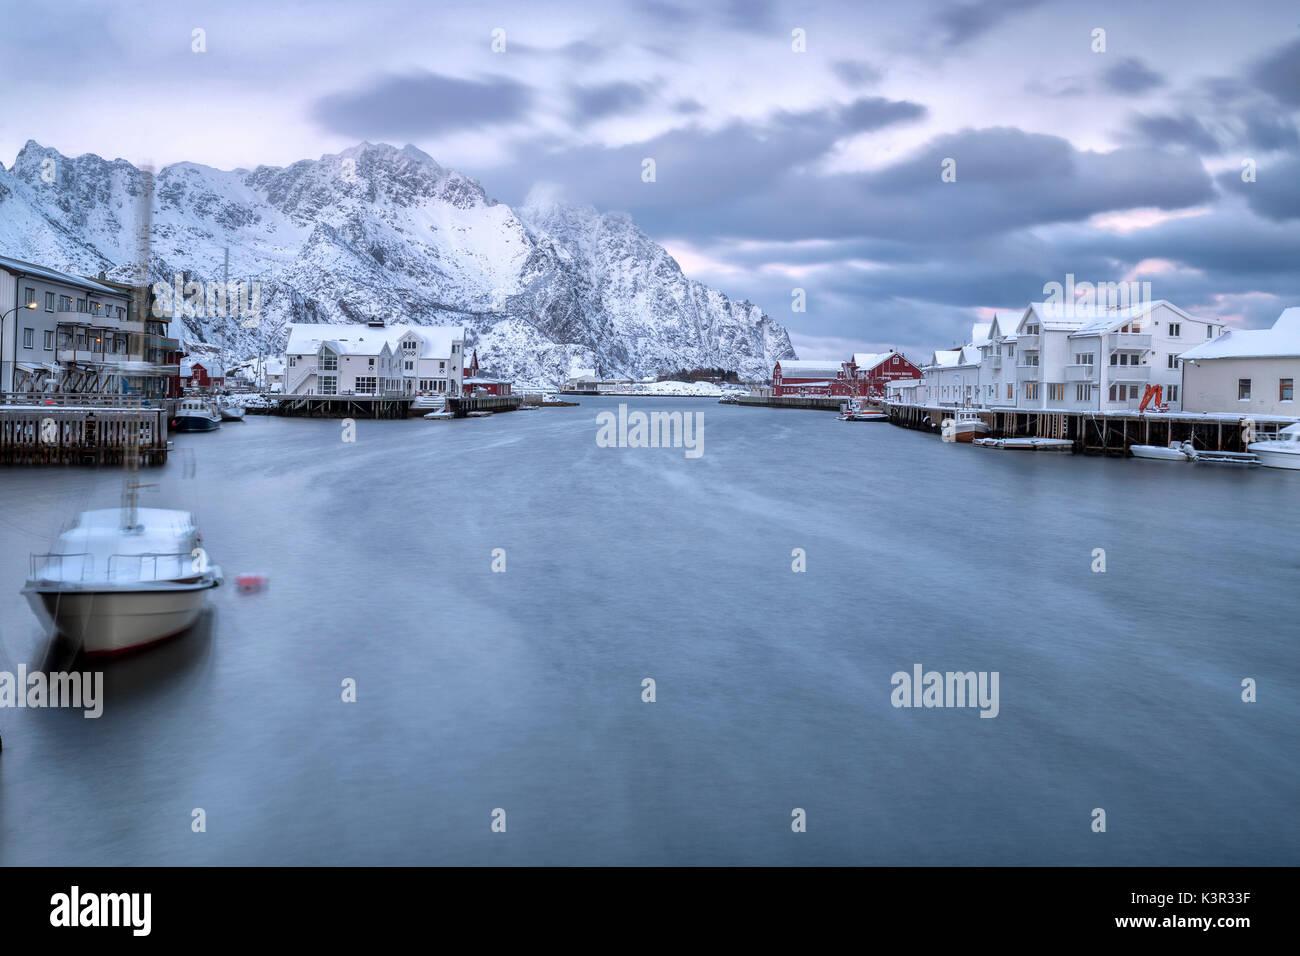 Il tipico villaggio di pescatori di Henningsvaer circondato da montagne innevate e il freddo mare Isole Lofoten Norvegia del Nord Europa Immagini Stock